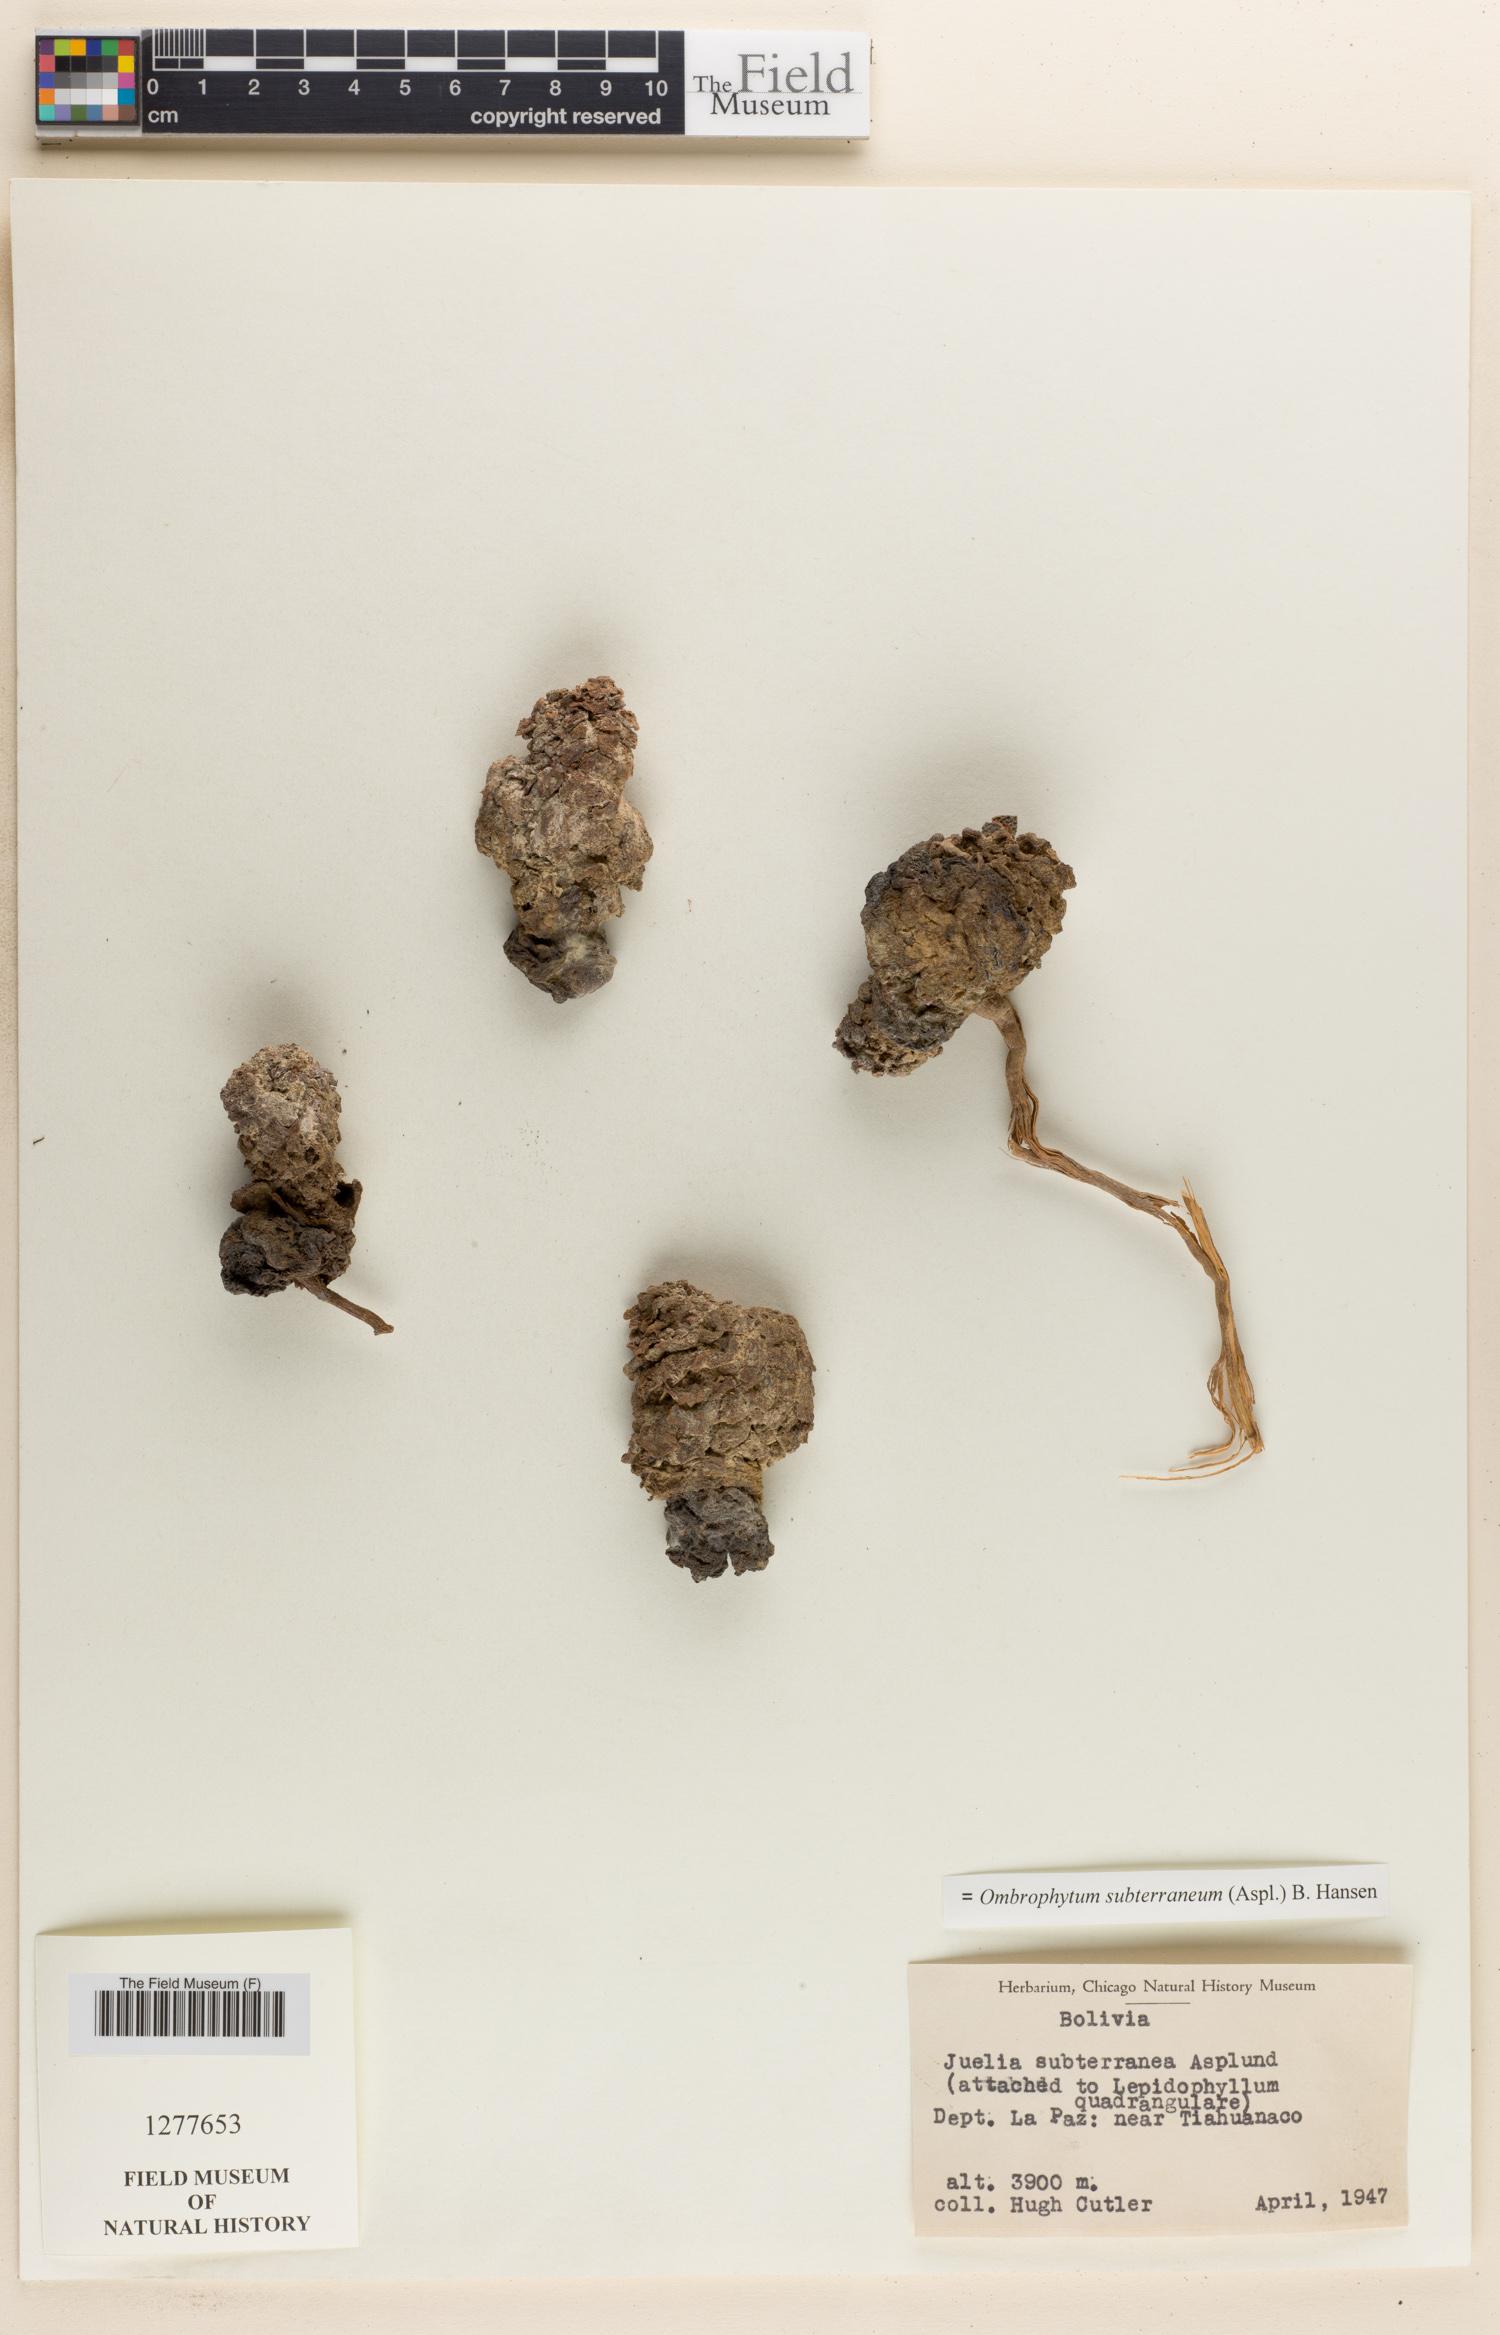 Ombrophytum subterraneum image